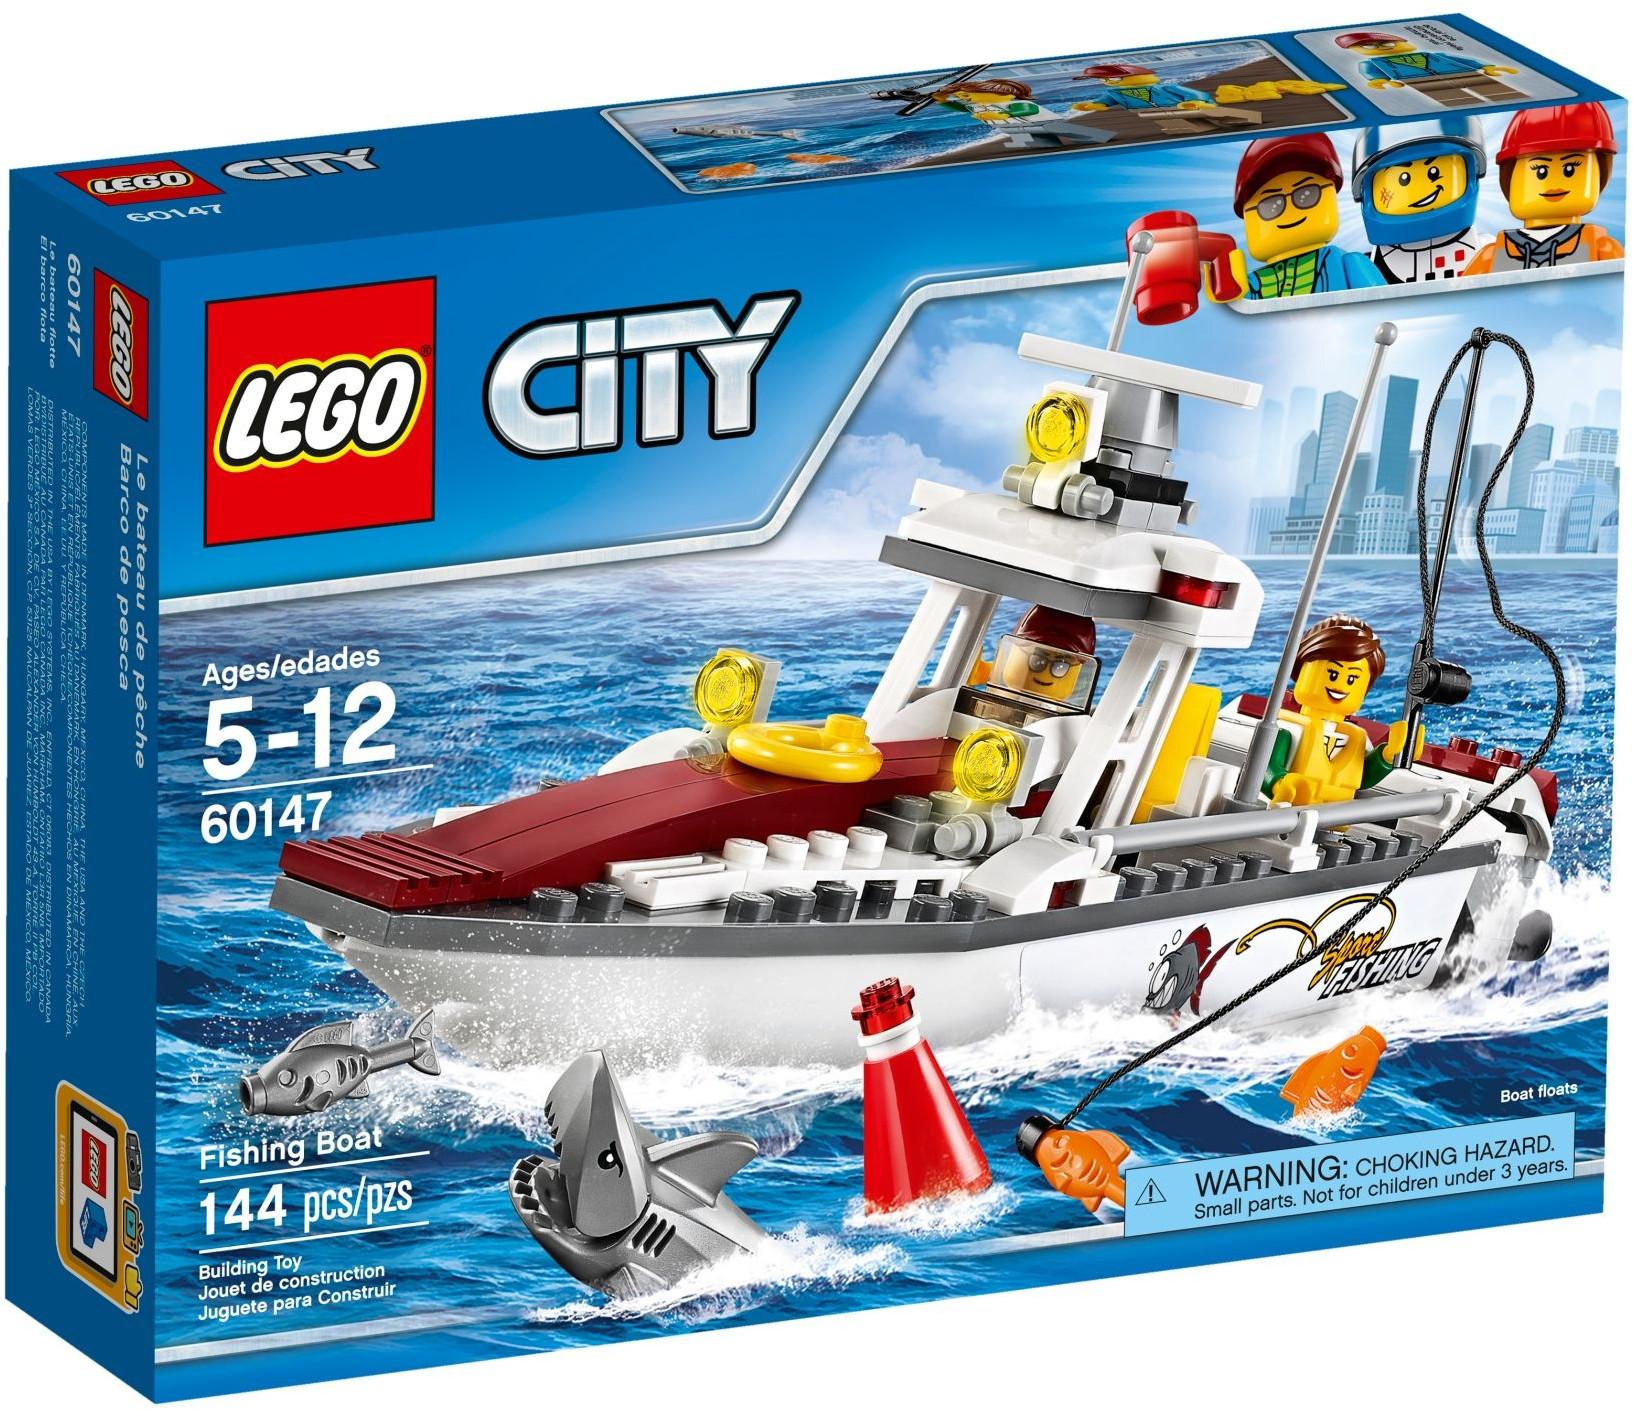 Mua đồ chơi LEGO 60147 - LEGO City 60147 - Tàu Đánh Cá (LEGO City Fishing Boat 60147)